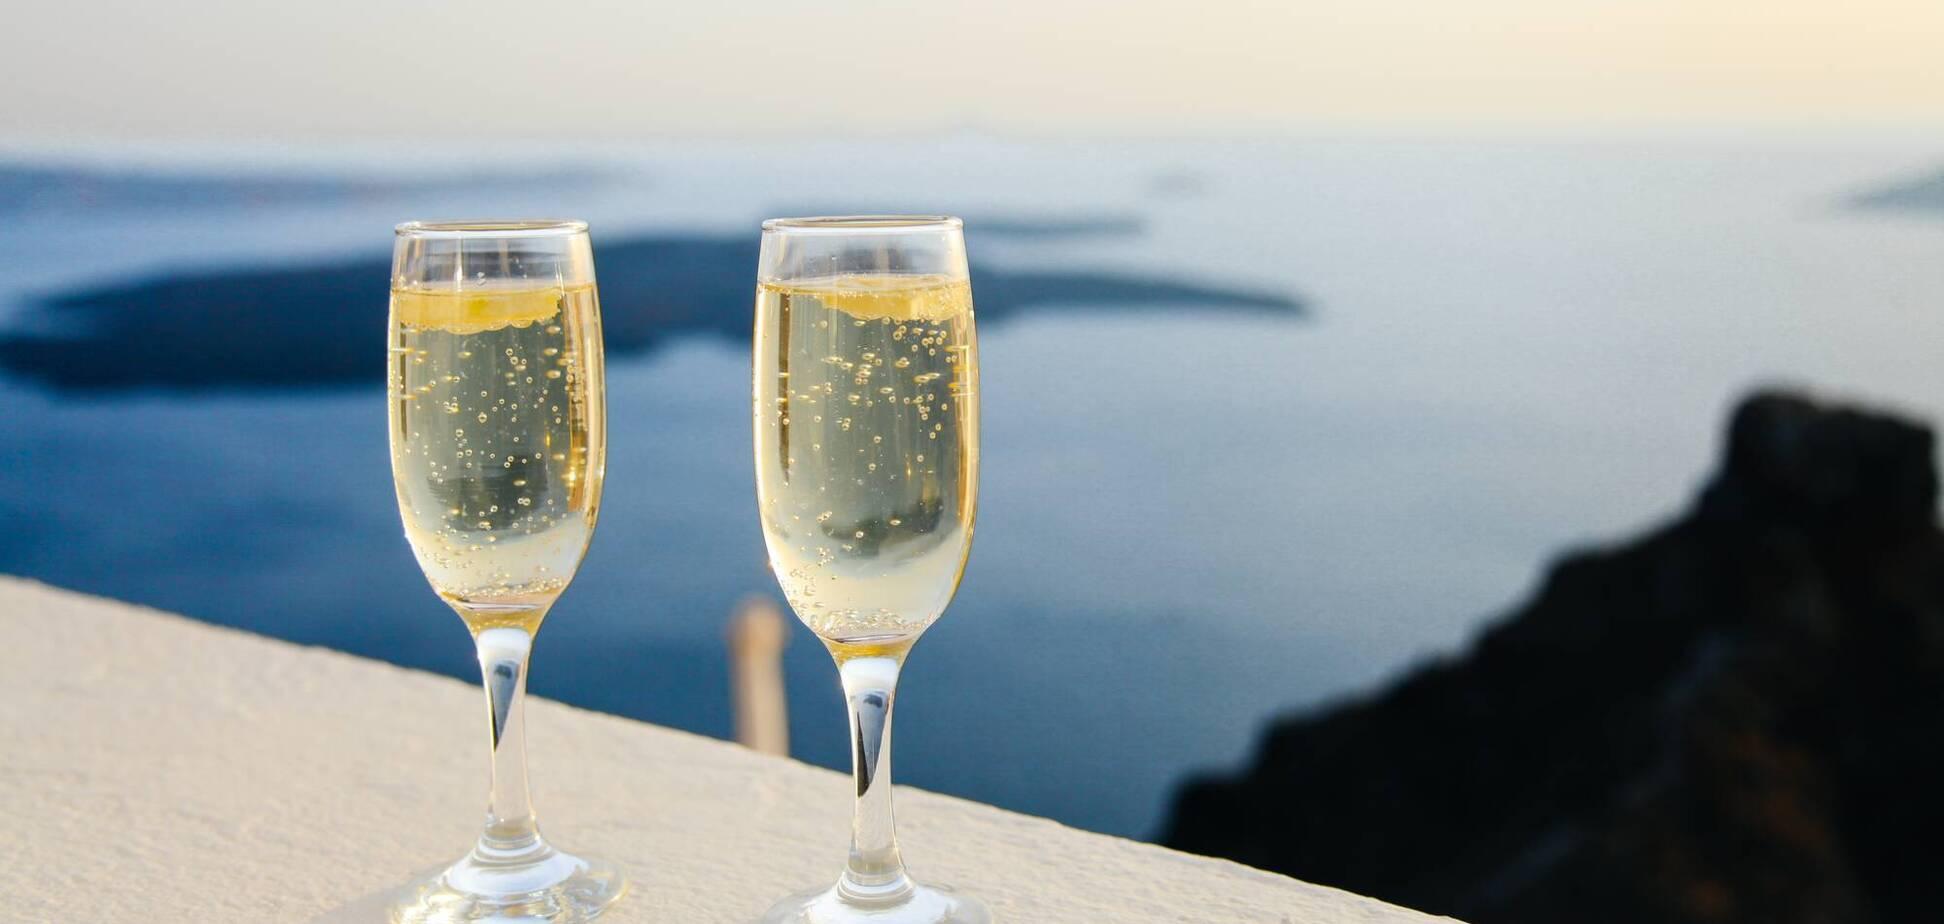 Алкогольные напитки крайне опасно пить в жару